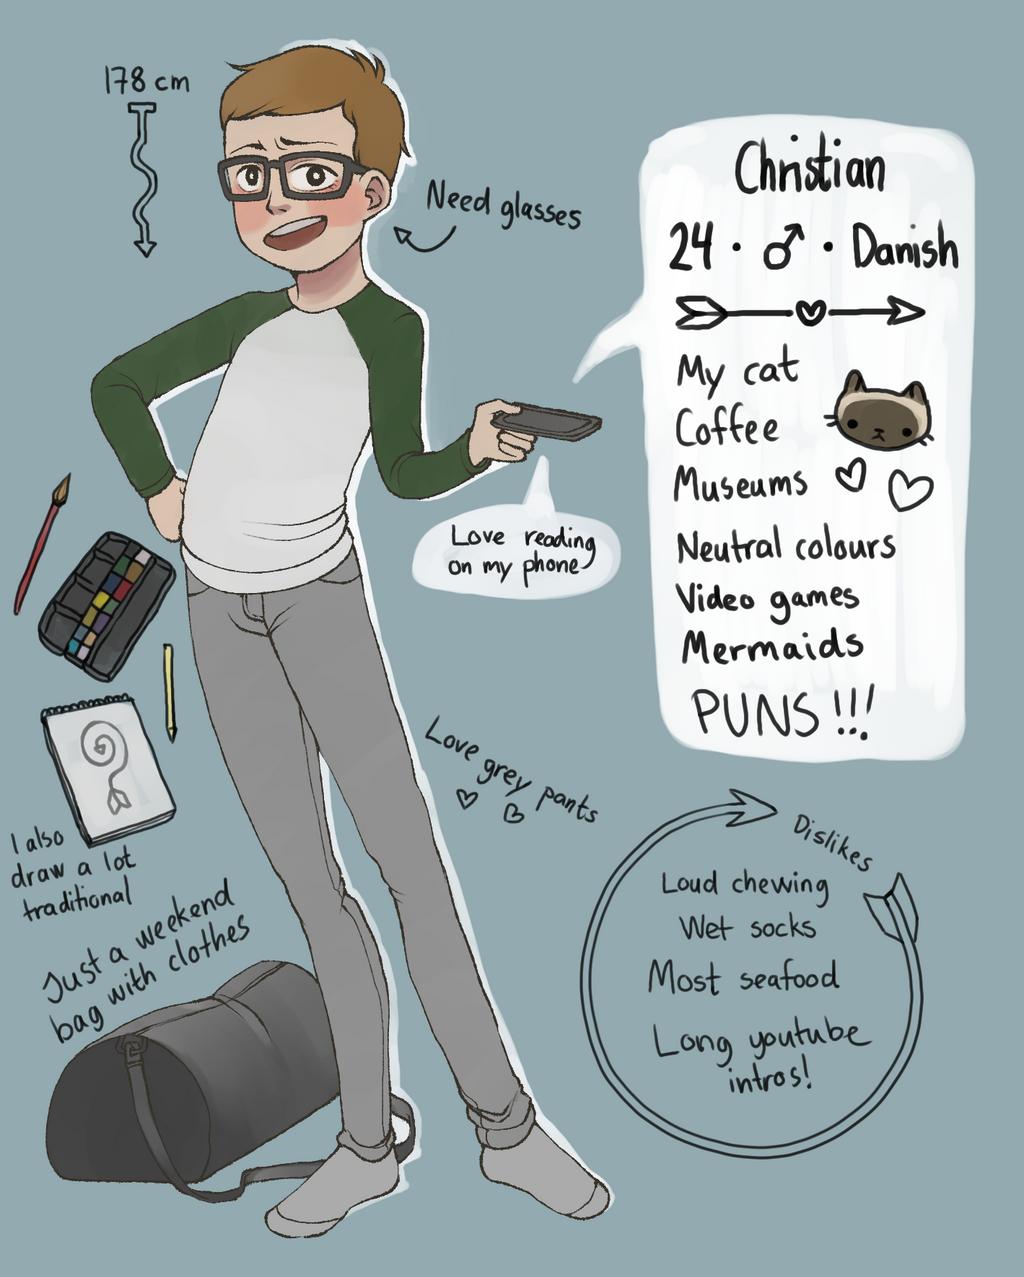 ChristianJoensen's Profile Picture